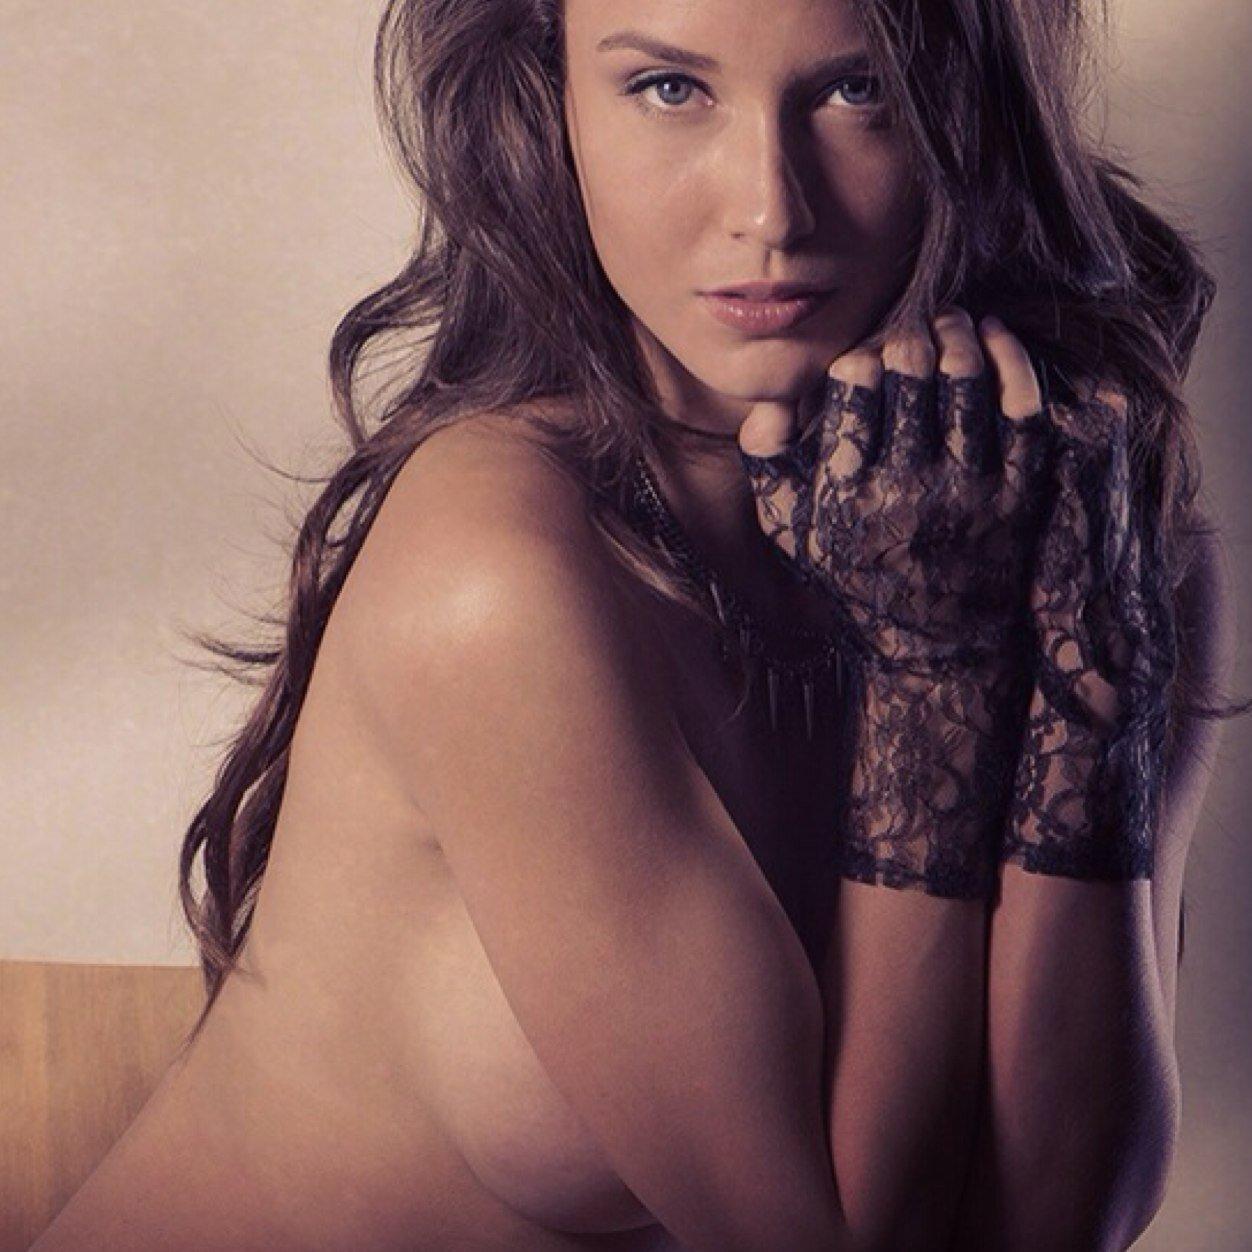 Malena morgan profile